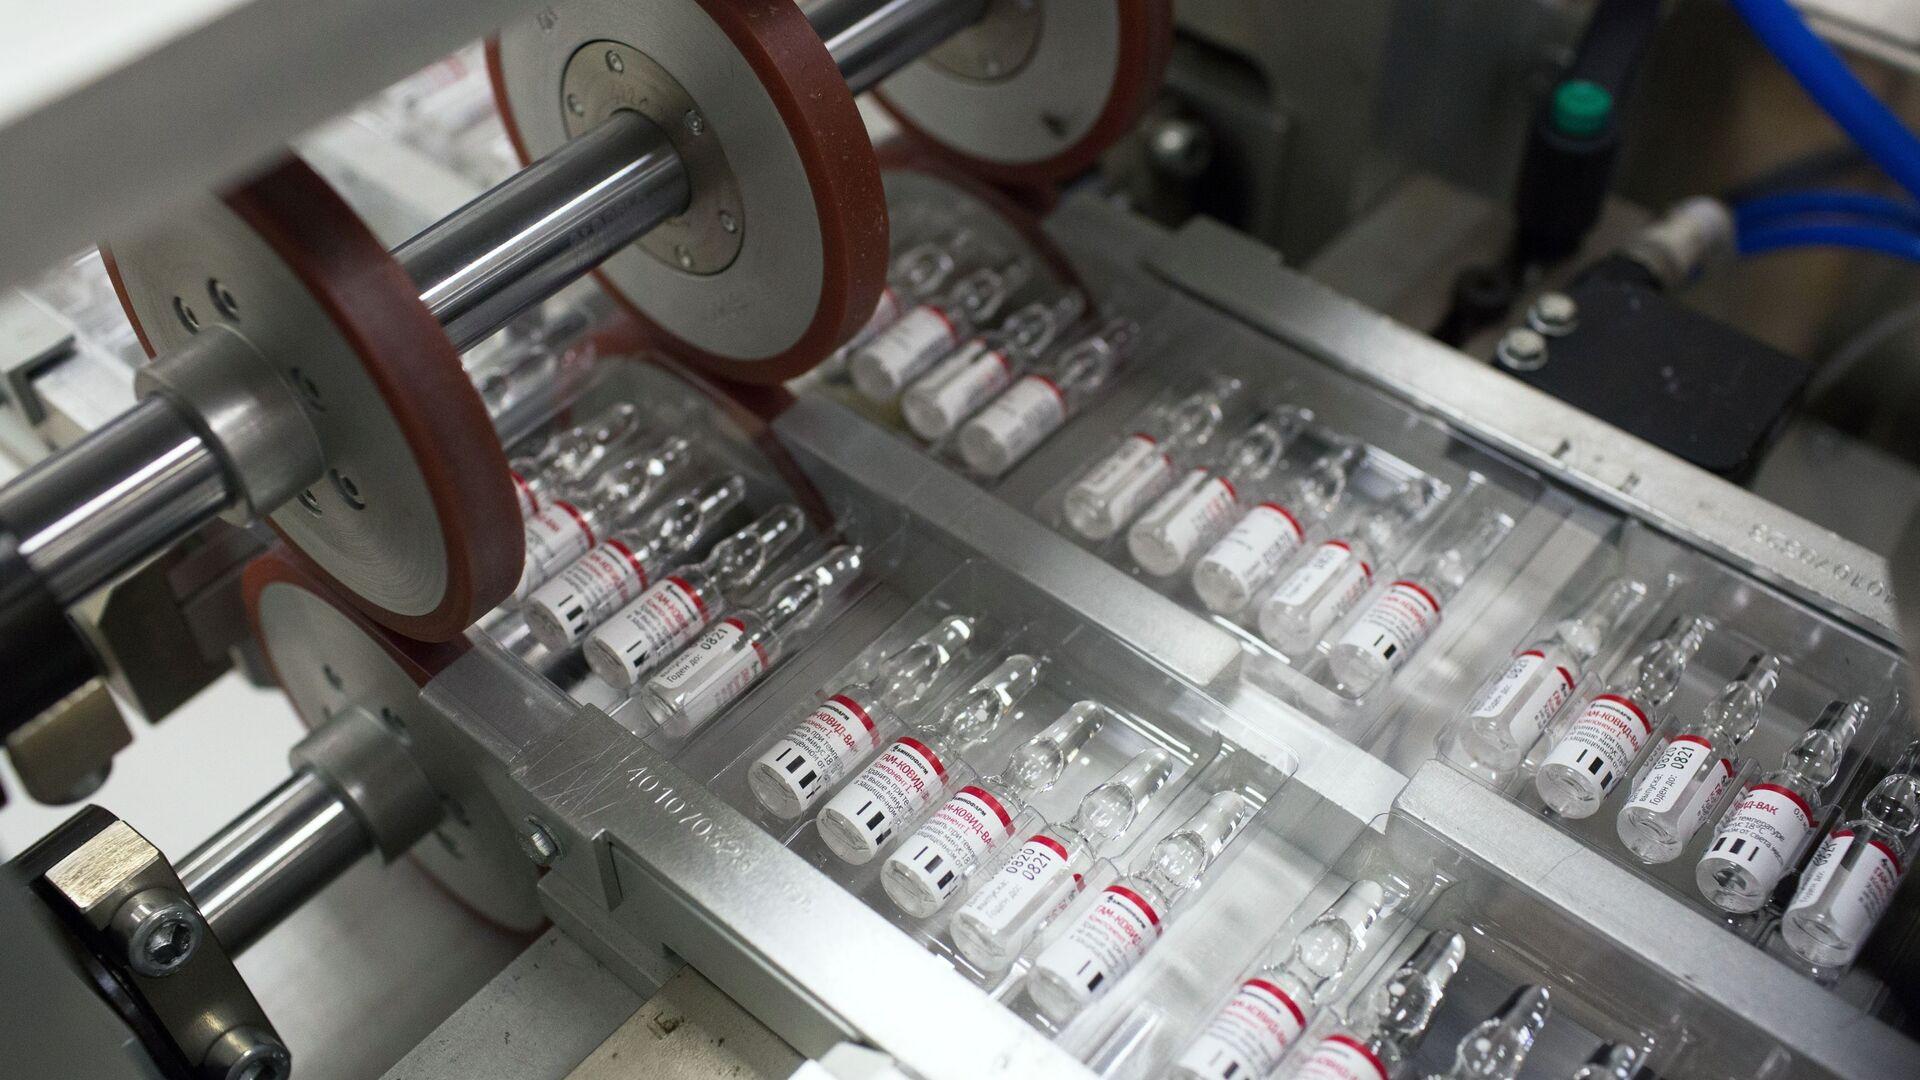 Producción de la vacuna contra coronavirus - Sputnik Mundo, 1920, 19.04.2021